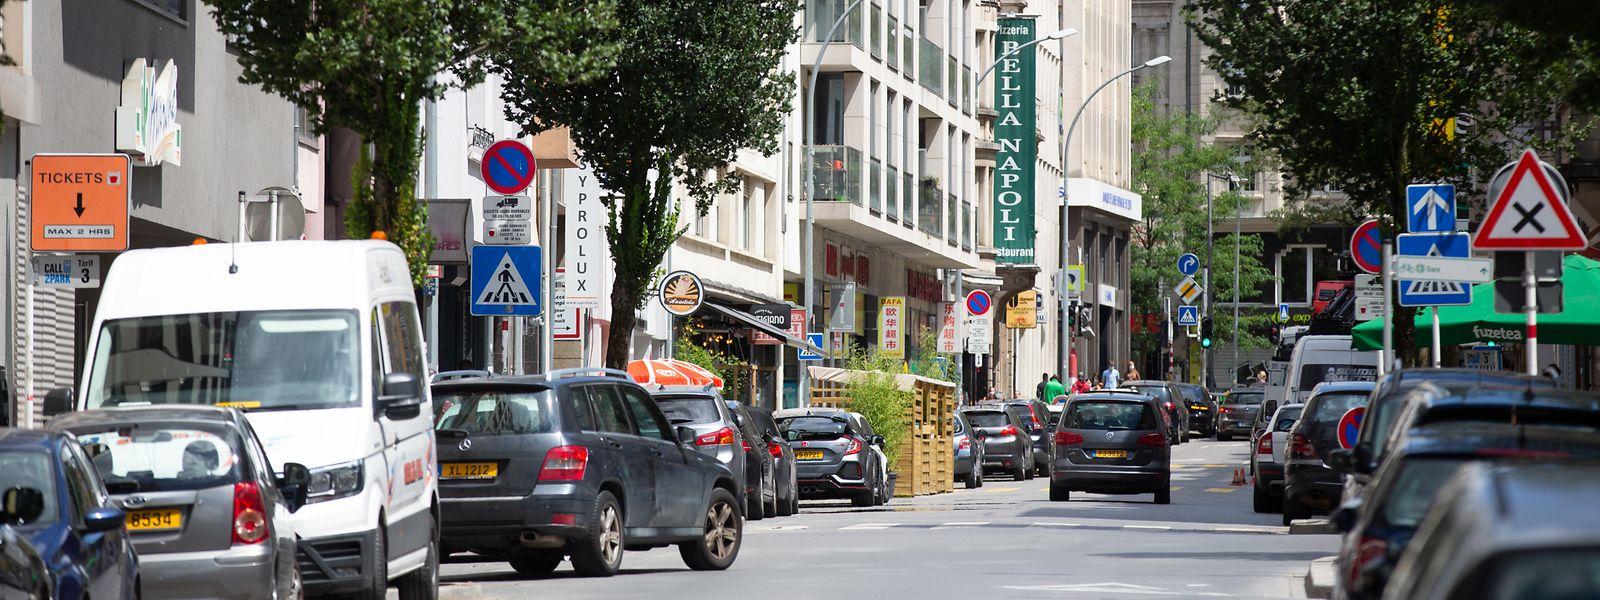 Bereits mehrmals haben die Bewohner der Rue de Strasbourg sich über das Dealen und die Kriminalität in ihrer Straße beschwert.